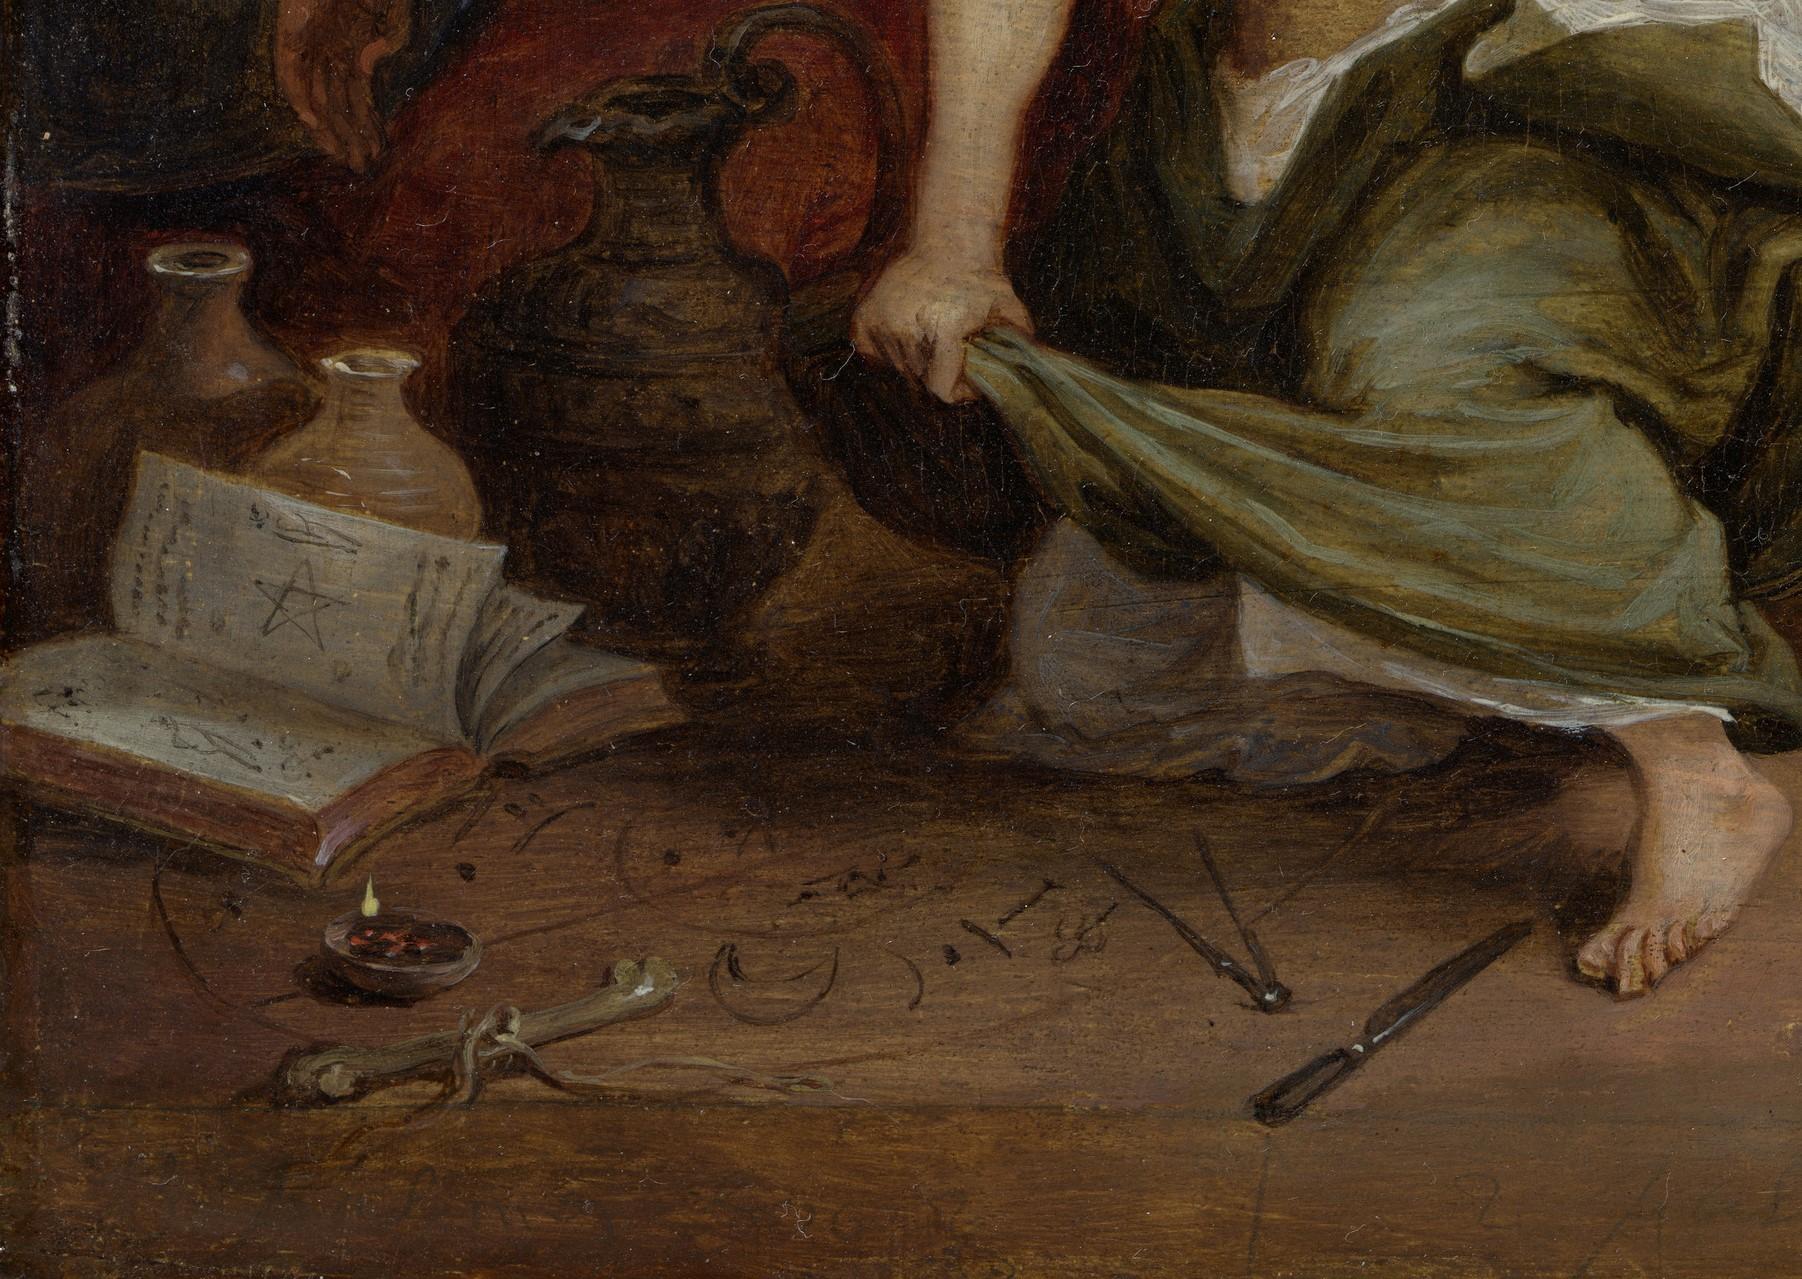 8. David Teniers il giovane, da Lorenzo Lotto, Allegoria della frode, New York, Metropolitan Museum of Art, Lehman Collection, particolare